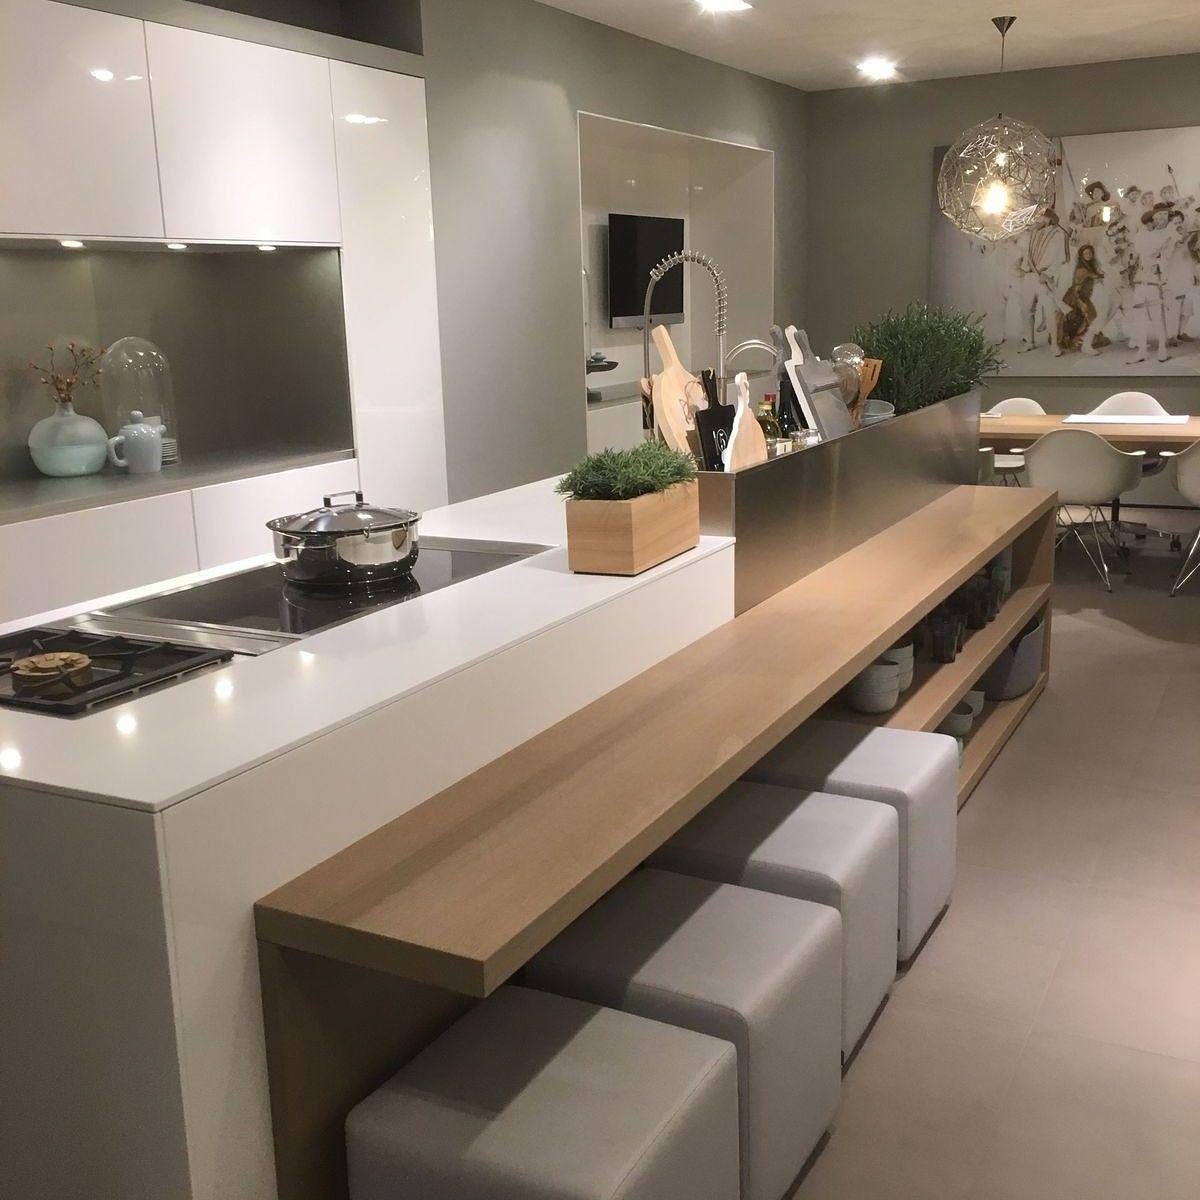 Yup, its just another modern kitchen. #kitchen #kitchendesign #kitchendesigner #kitchendesignideas #architecture #interiordesign #contemporarykitcheninterior